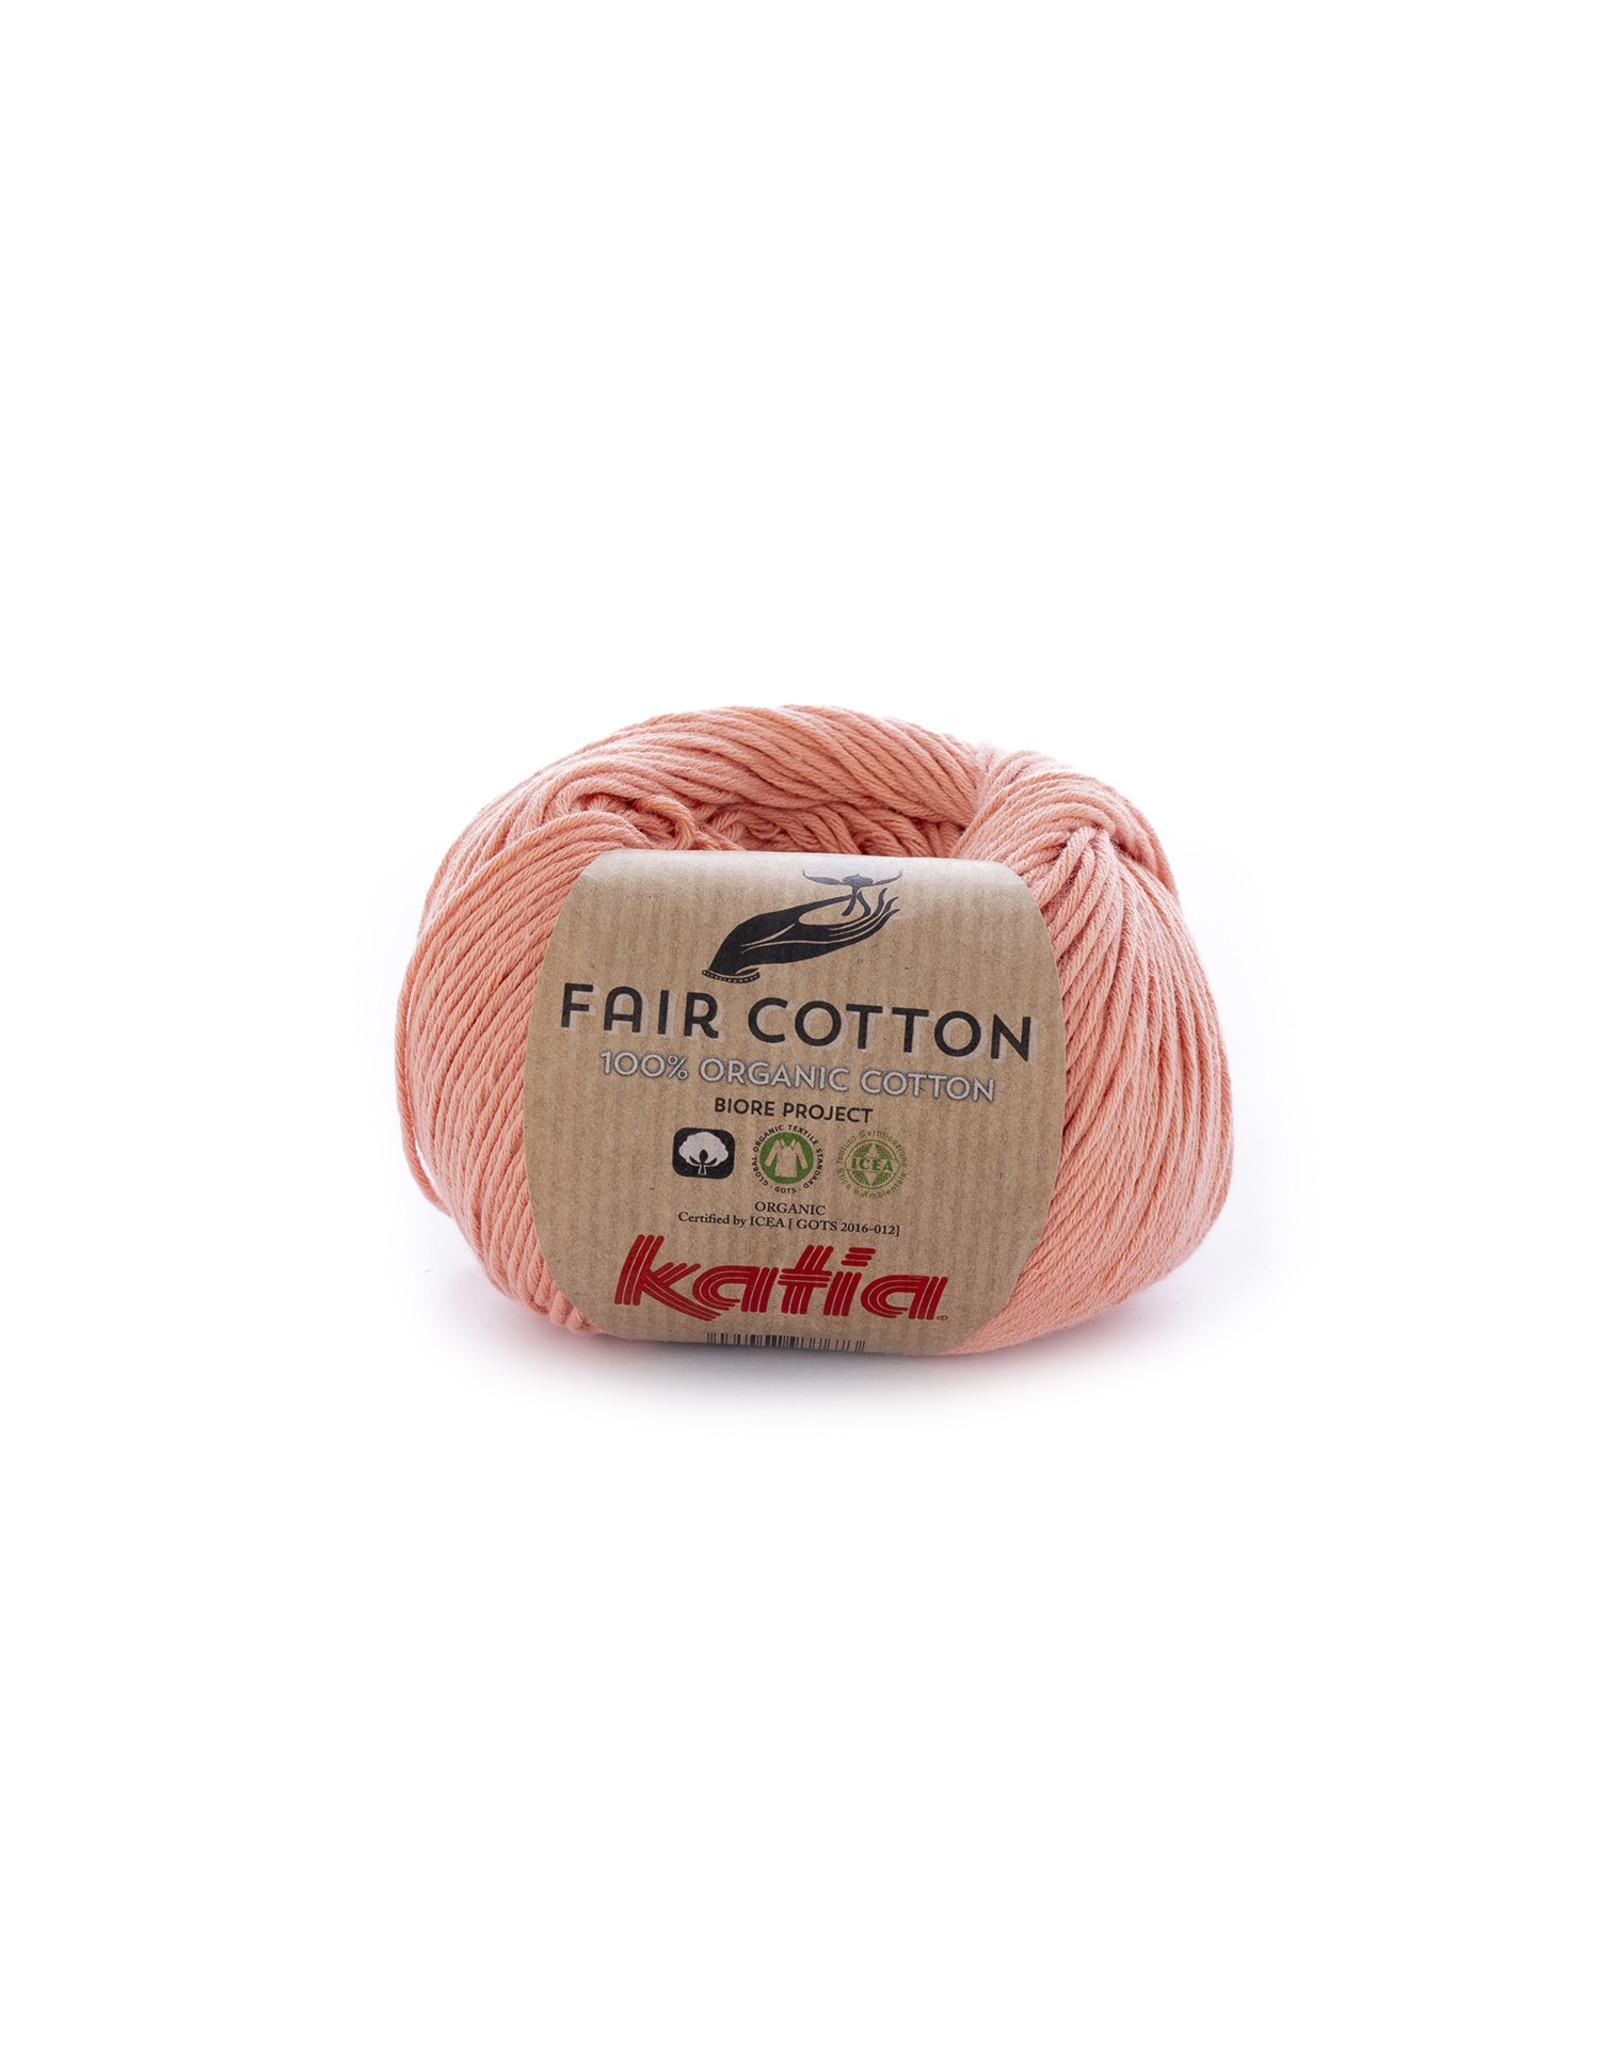 Katia Katia Fair Cotton Kleur 28 - licht zalmoranje - 100% biol. GOTS katoengaren - bundel 5 x 50 gr./155 m.